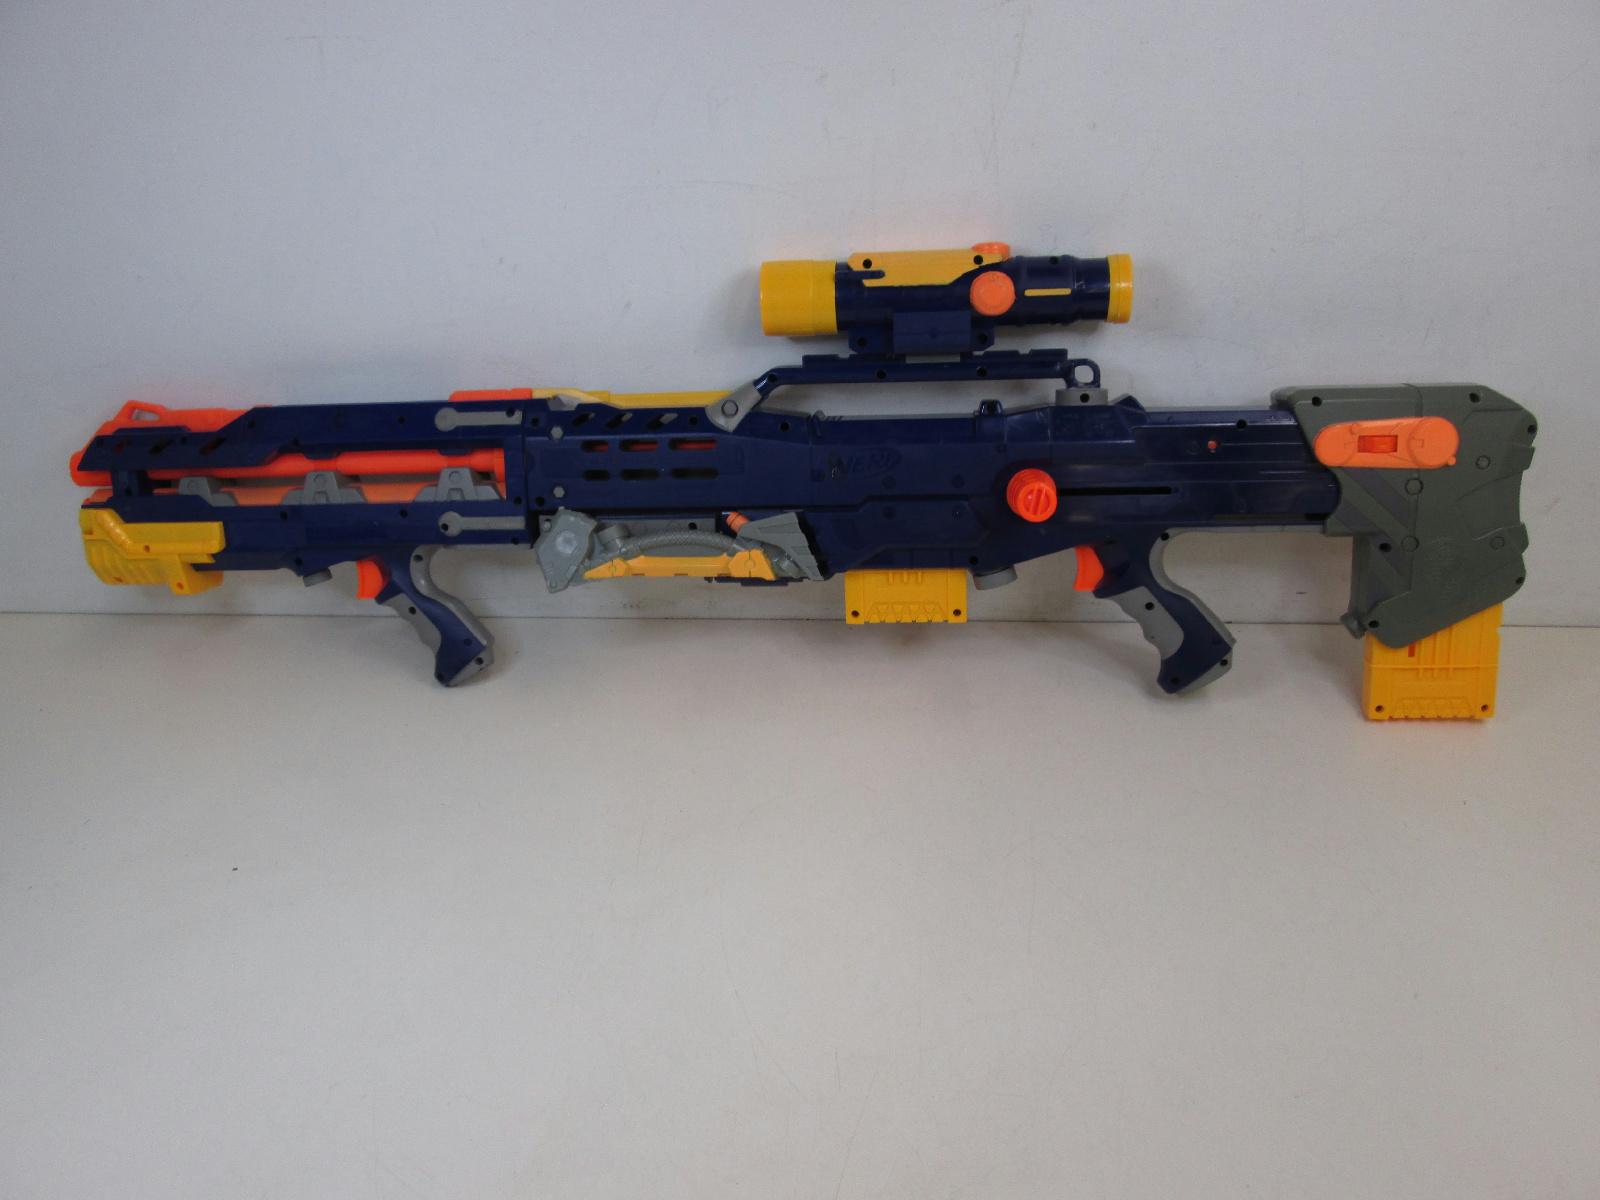 Nerf Sniper Rifles Deals On 1001 Blocks